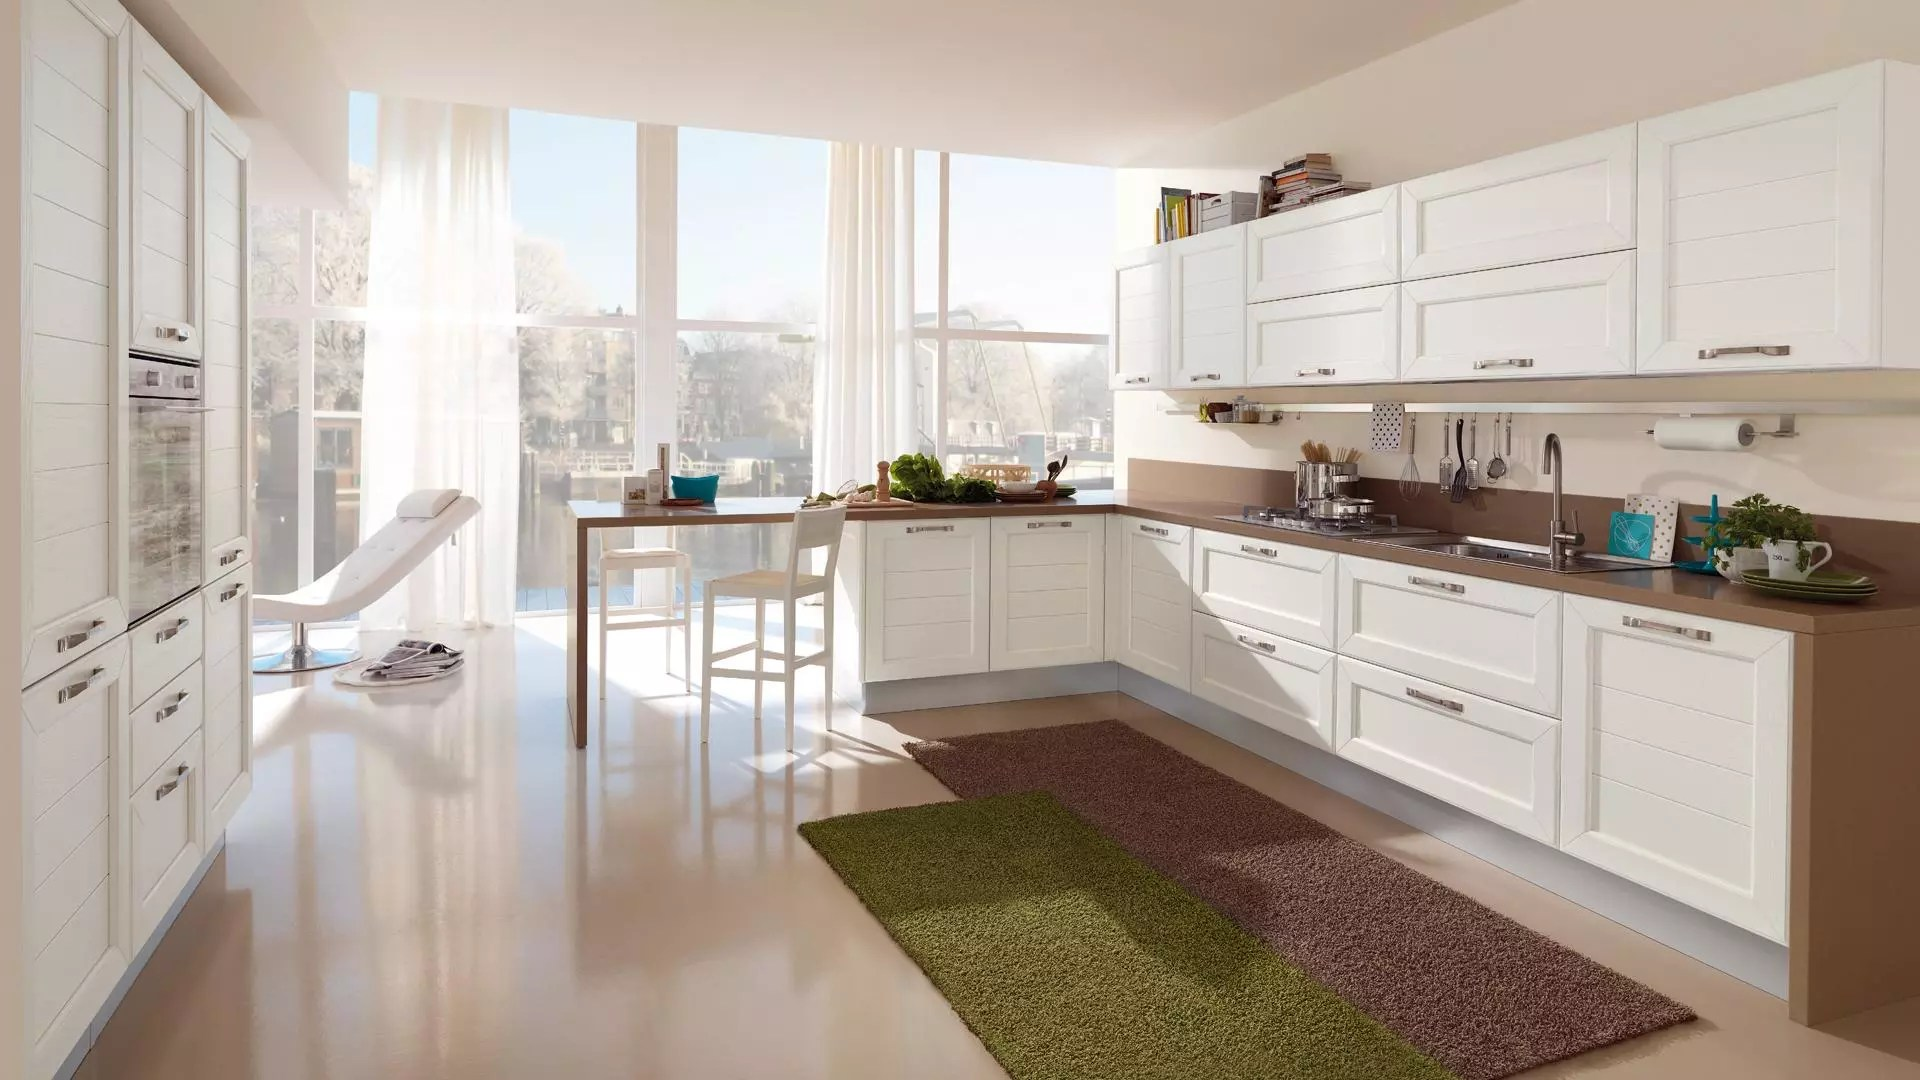 Cucine Lube ad angolo i suggerimenti per arredare  Lube